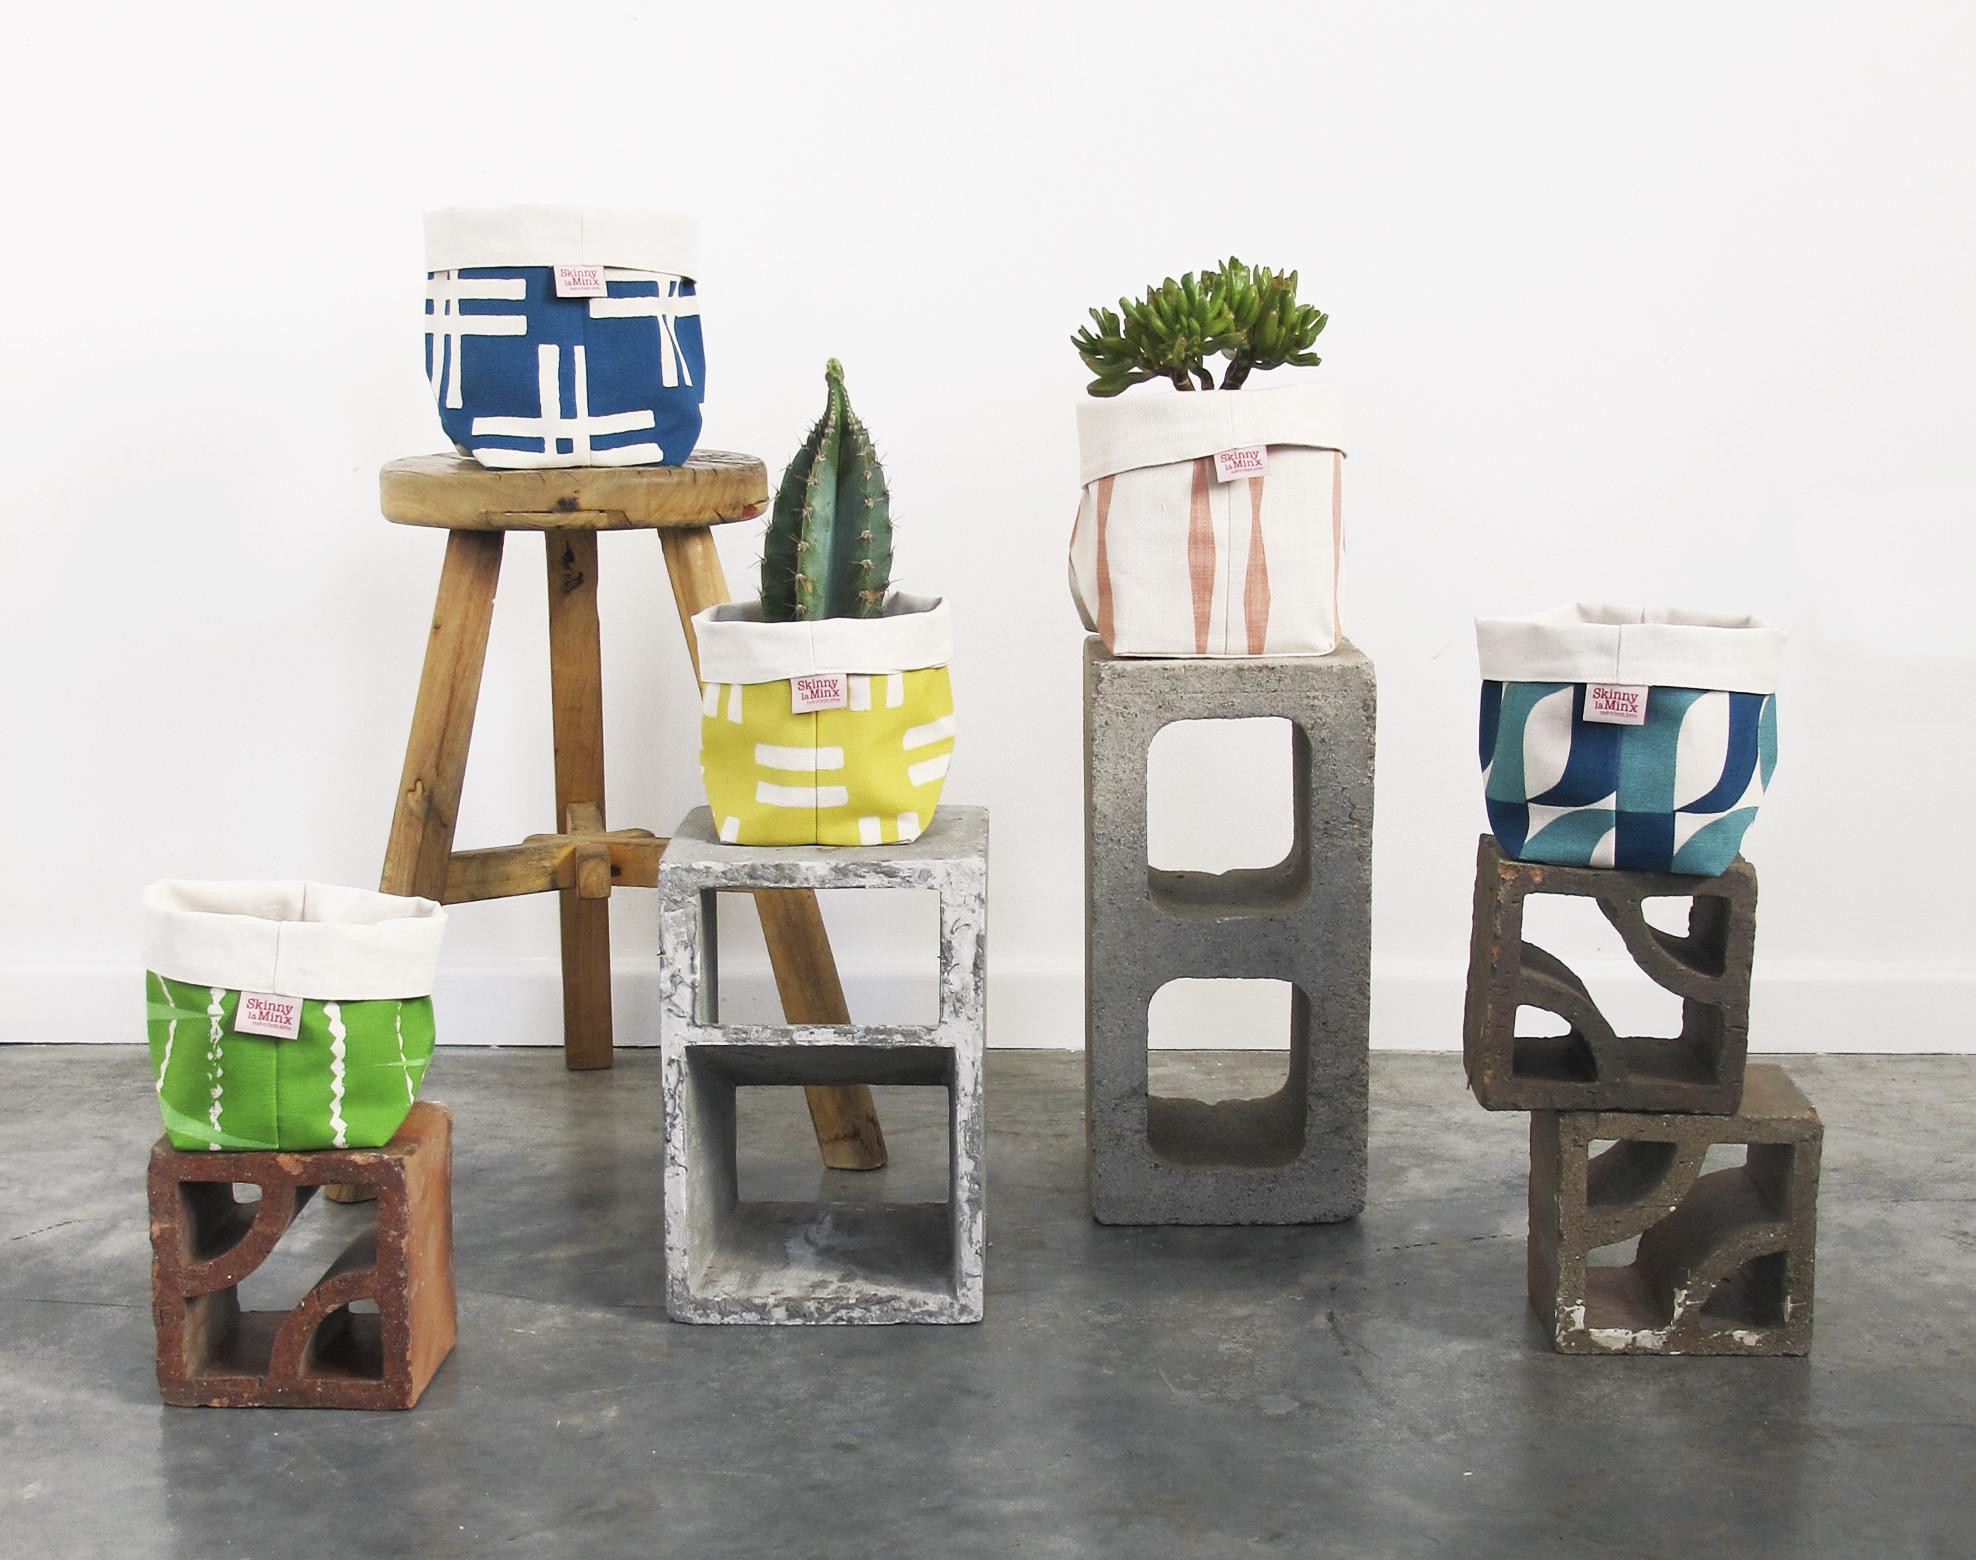 Brise Soleil - bricks and buckets